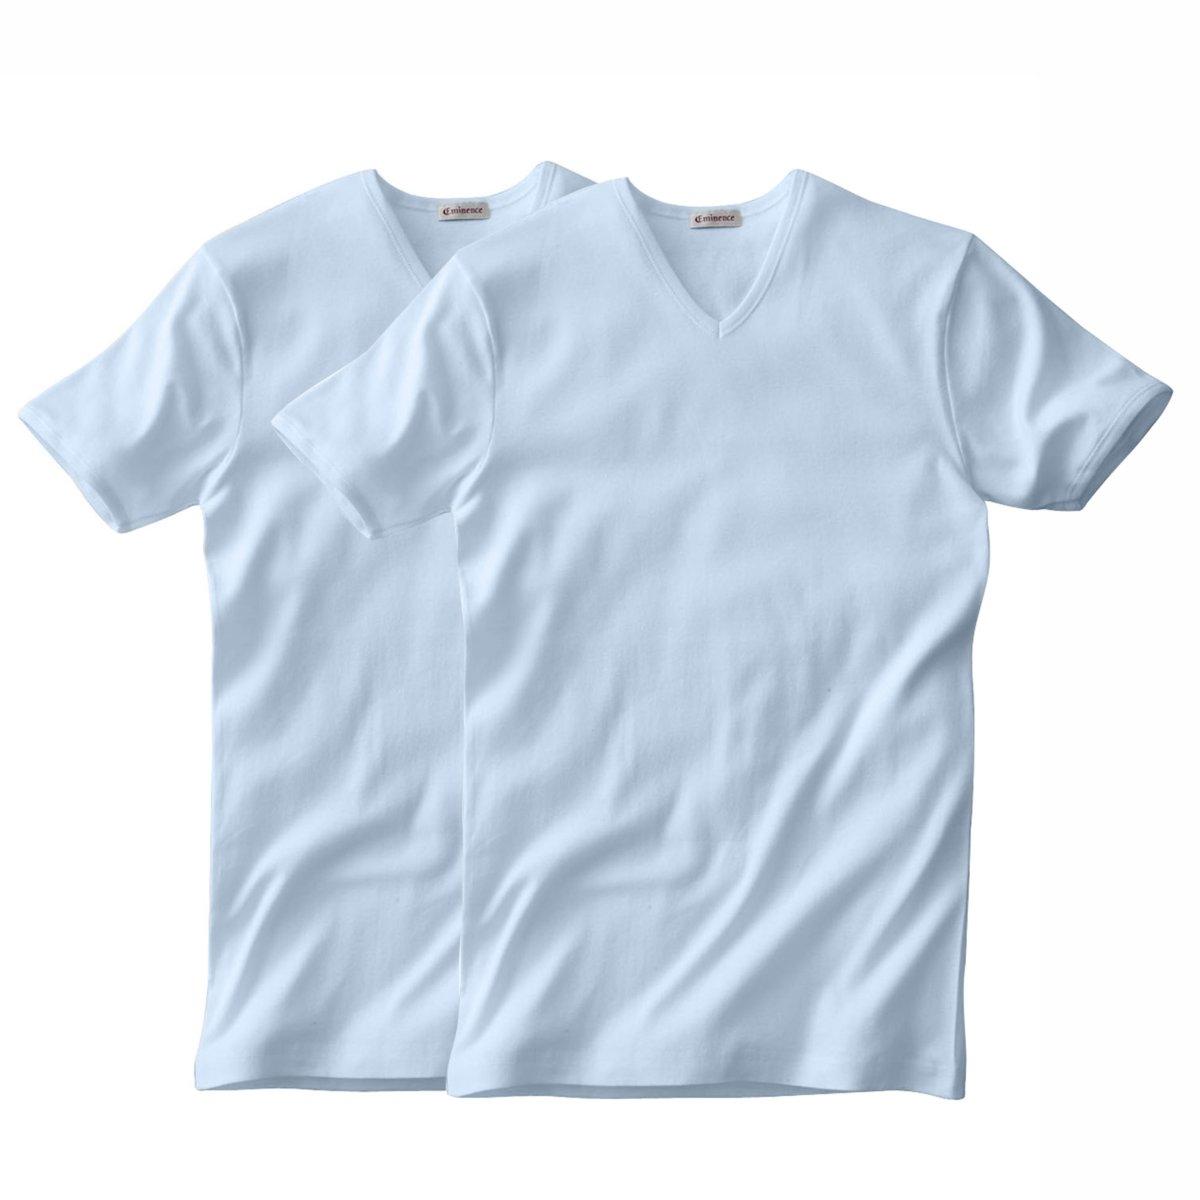 Комплект из 2 футболок EMINENCE с V-образным вырезом и короткими рукавами2 футболки EMINENCE из трикотажа в тонкий рубчик, 100% гипоаллергенного хлопка. V-образный вырез и короткие рукава : приятный материал, минимальный риск аллергии. Ультракомфортная футболка ! Края связаны в рубчик.     В комплекте 2 футболки одного цвета.<br><br>Цвет: небесно-голубой,серый меланж<br>Размер: M.L.L.XL.3XL